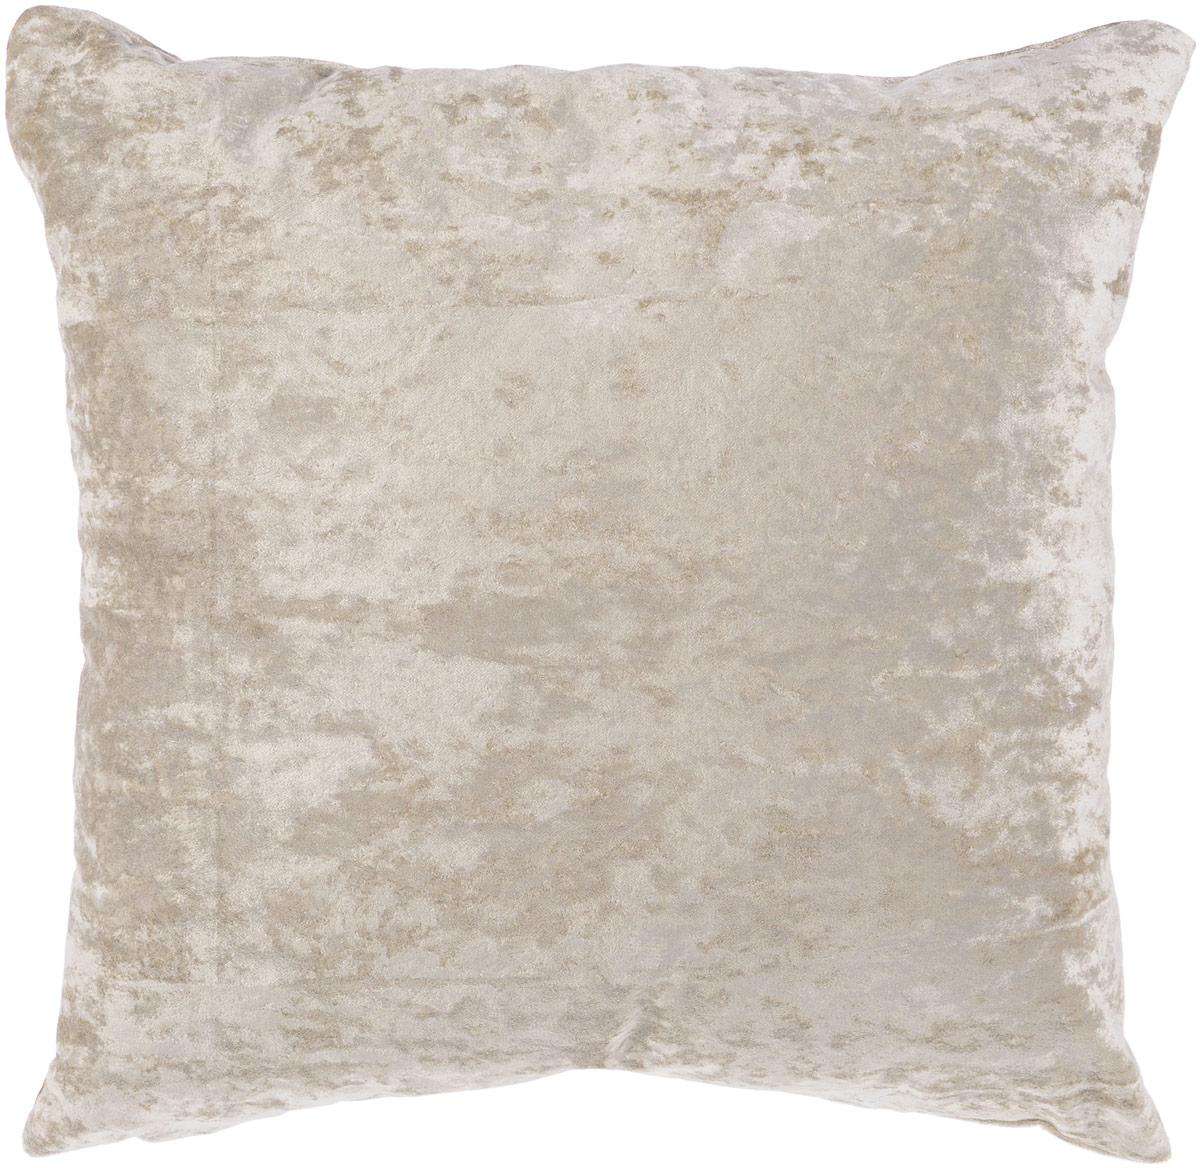 Подушка декоративная KauffOrt Бархат, цвет: серый, 40 x 40 см3121039660Декоративная подушка Бархат прекрасно дополнит интерьер спальни или гостиной. Бархатистый на ощупь чехол подушки выполнен из 49% вискозы, 42% хлопка и 9% полиэстера. Внутри находится мягкий наполнитель. Чехол легко снимается благодаря потайной молнии.Красивая подушка создаст атмосферу уюта и комфорта в спальне и станет прекрасным элементом декора.